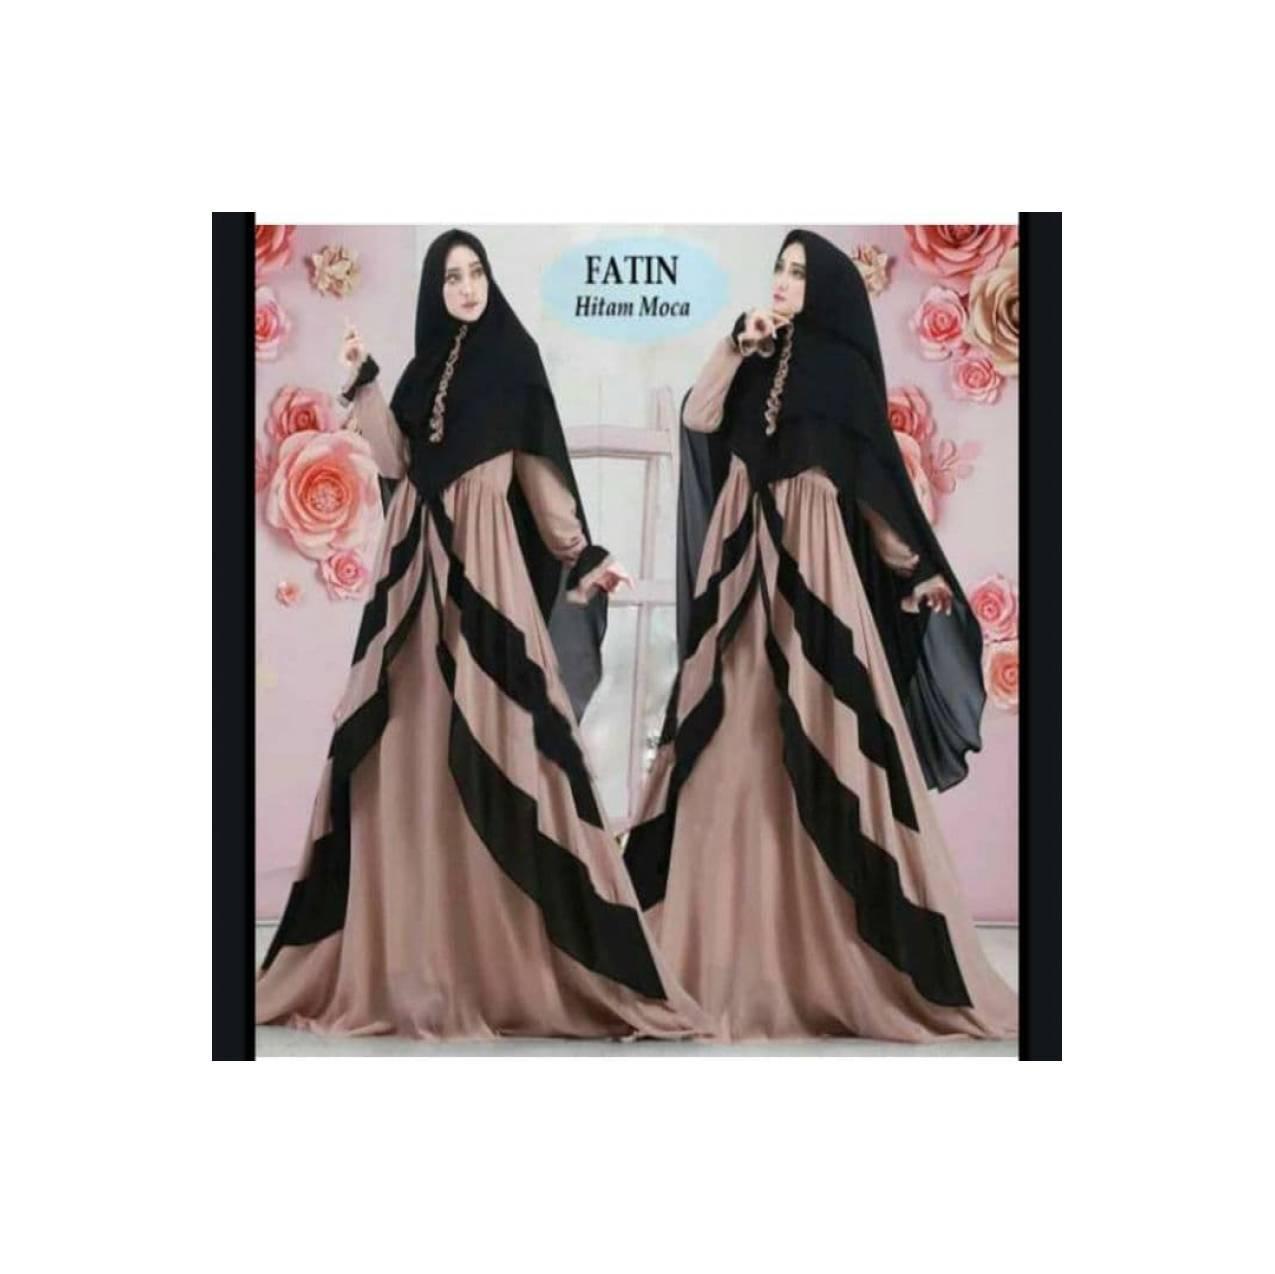 Gamis Fatin Syari / Pakaian Muslim / Baju Gamis - Hitam